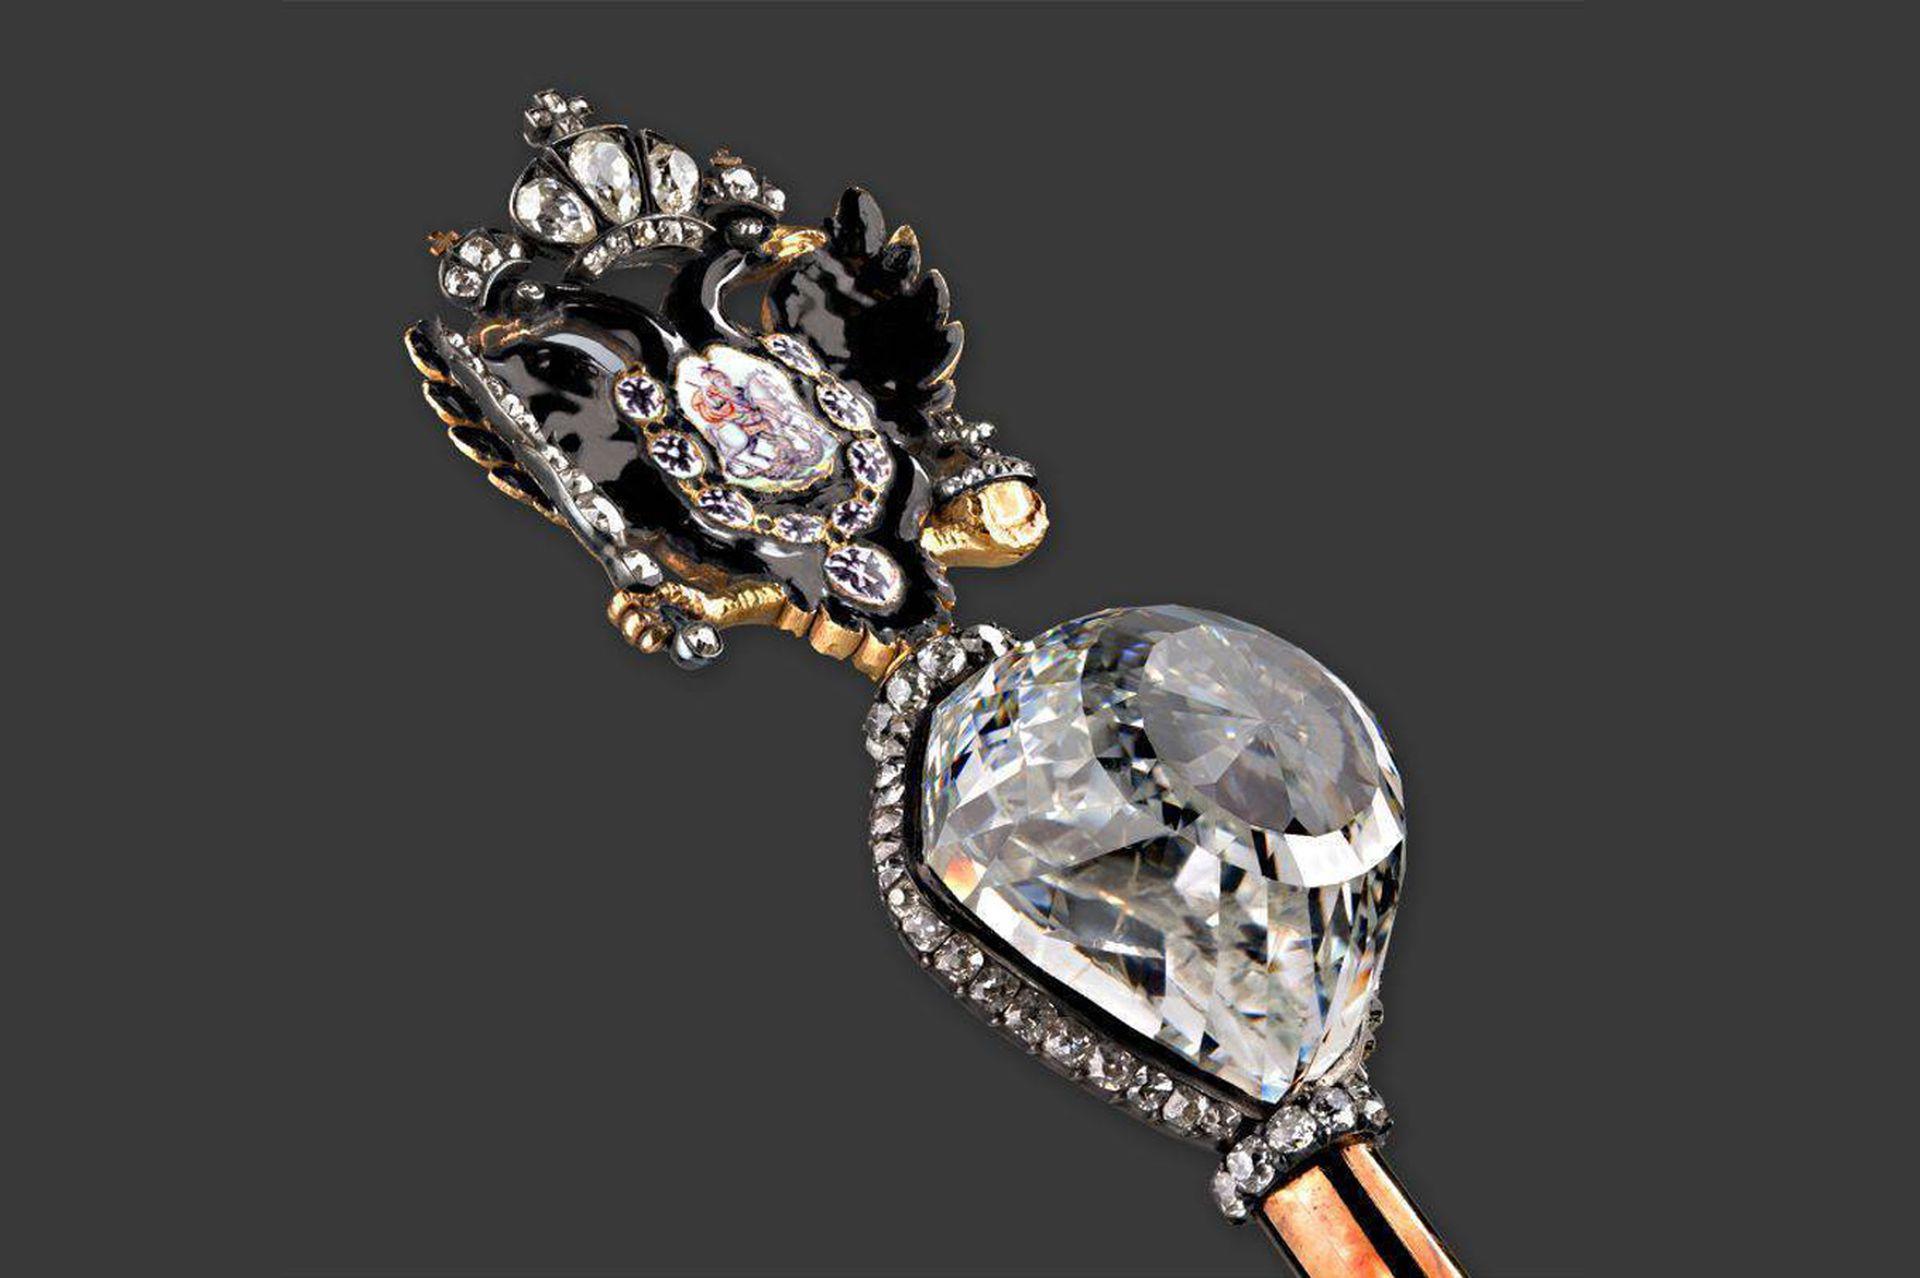 El diamante Orlov es parte de la colección de diamantes del Kremlin en Moscú.